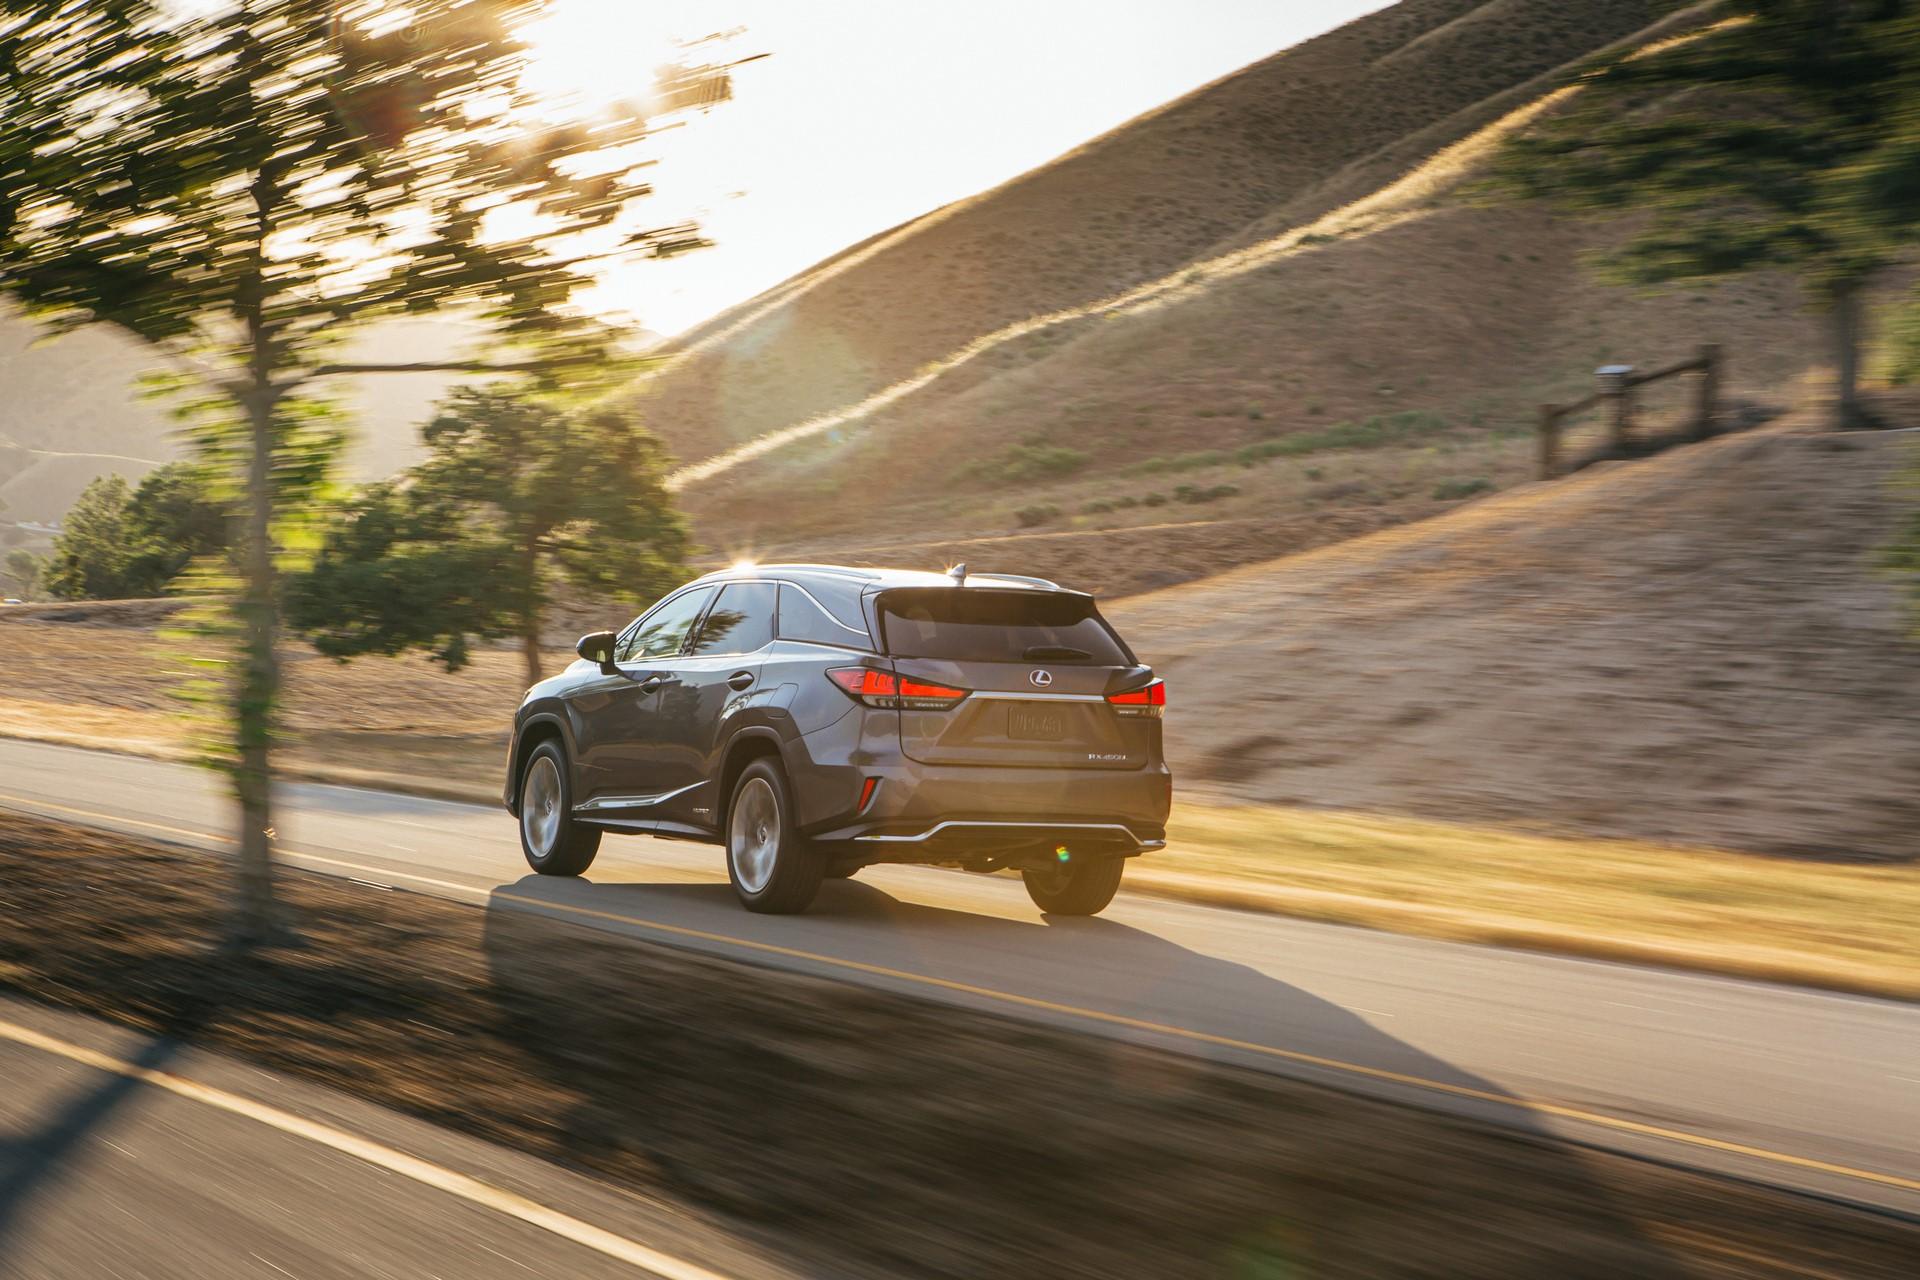 2020_Lexus_RX450hL_05_664B0A33D064250BEE1C523812F086D555FD8C15